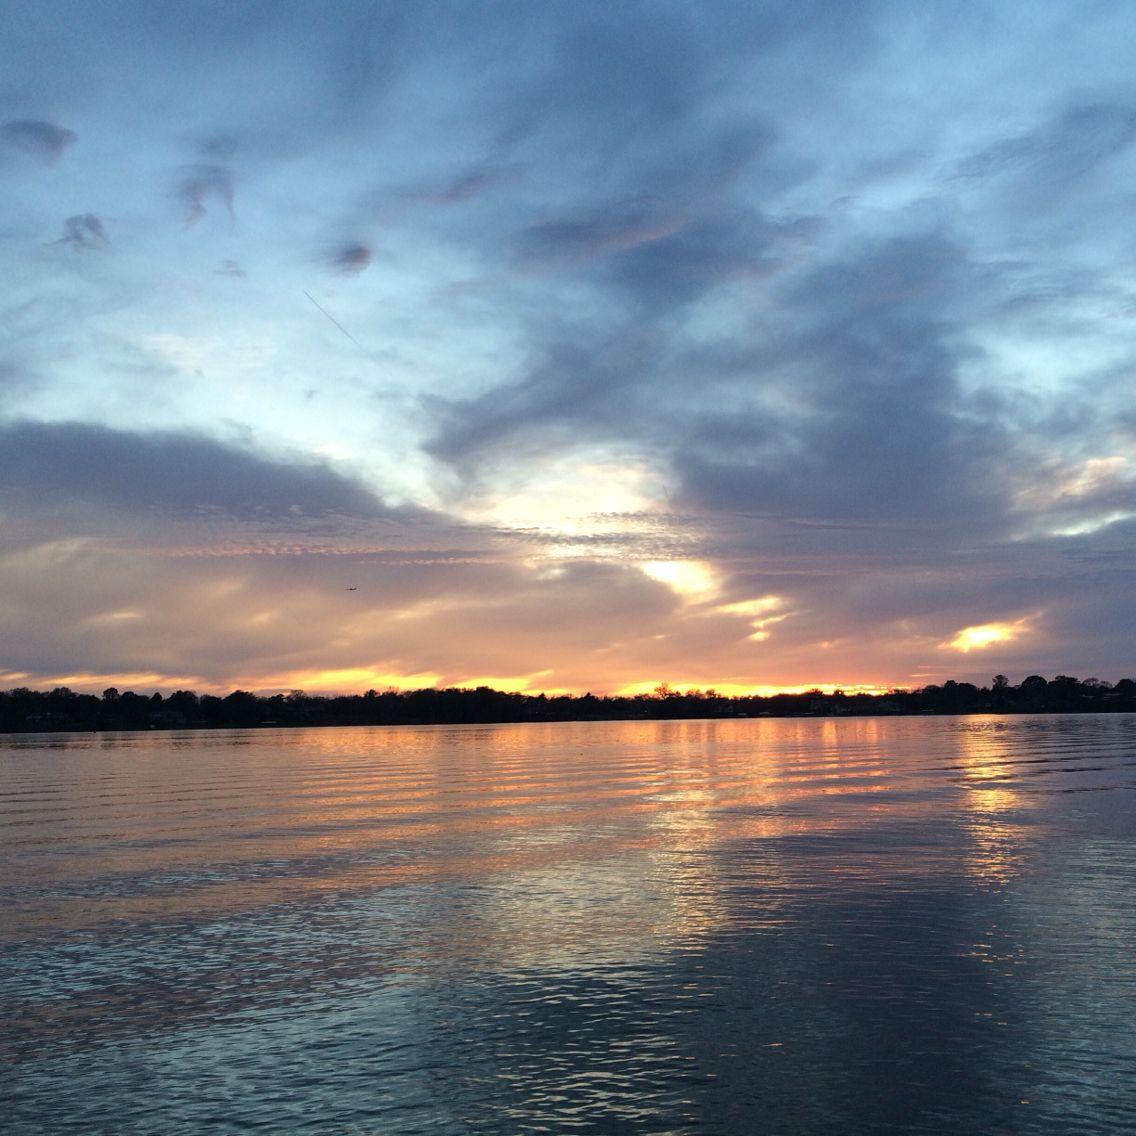 sunset on old hickory lake in hendersonville tn lake life rh pinterest com